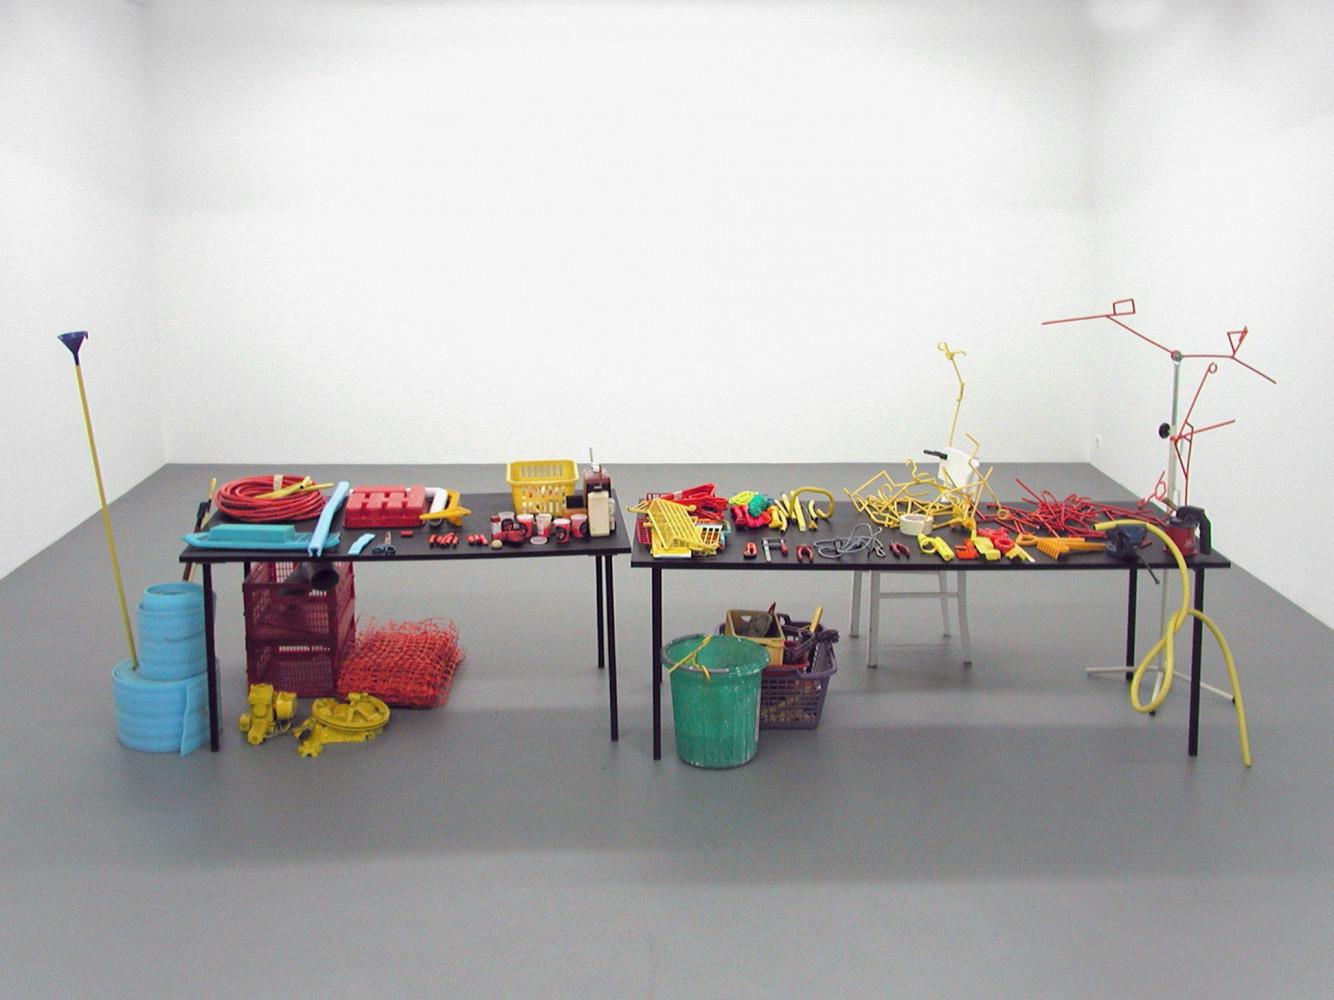 Anna & Bernhard Blume, 'Polaroids aus den 90er Jahren', Installation view, 2003